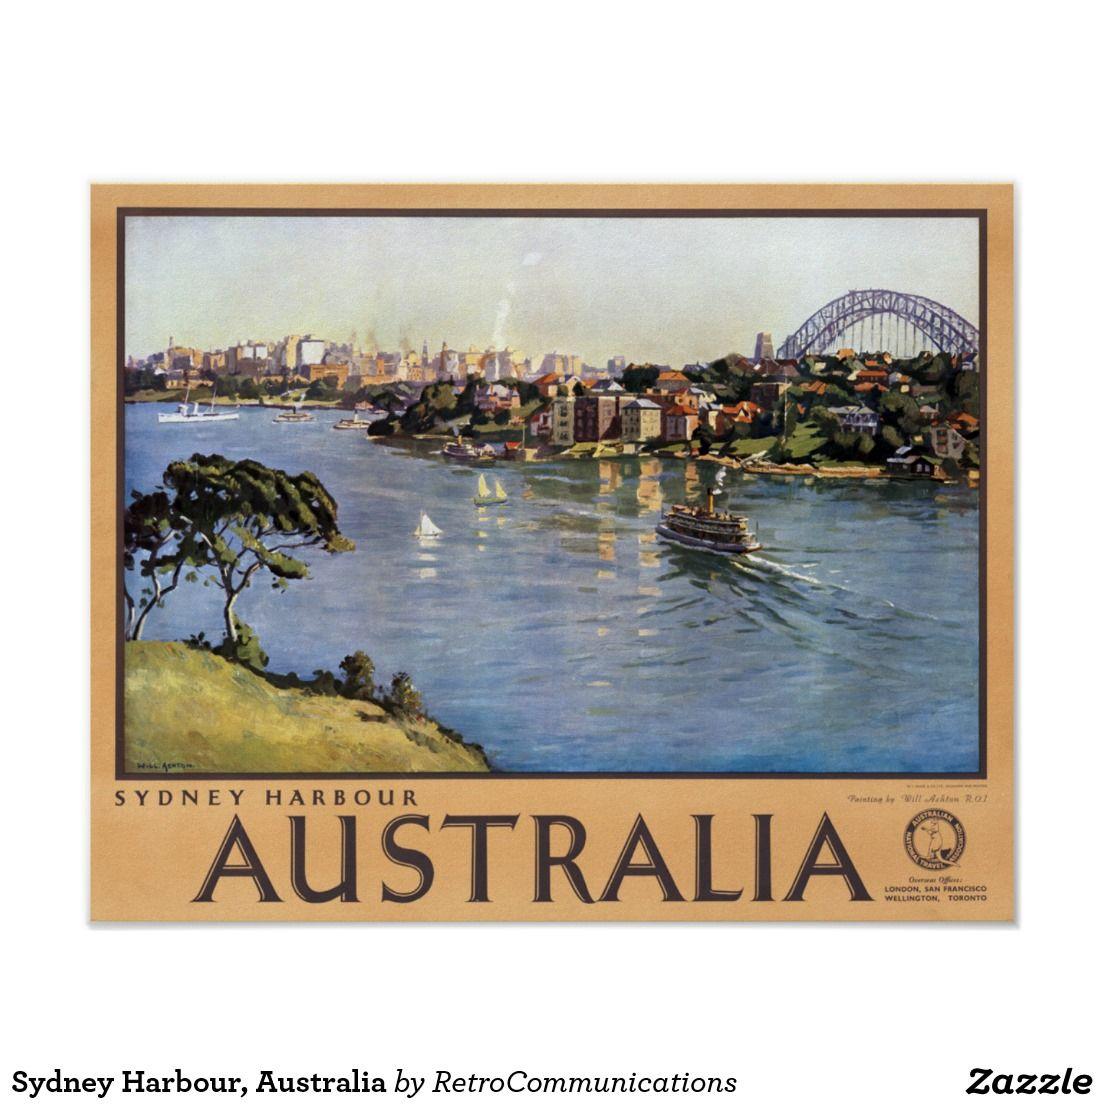 Sydney Harbour, Australia Poster | Pinterest